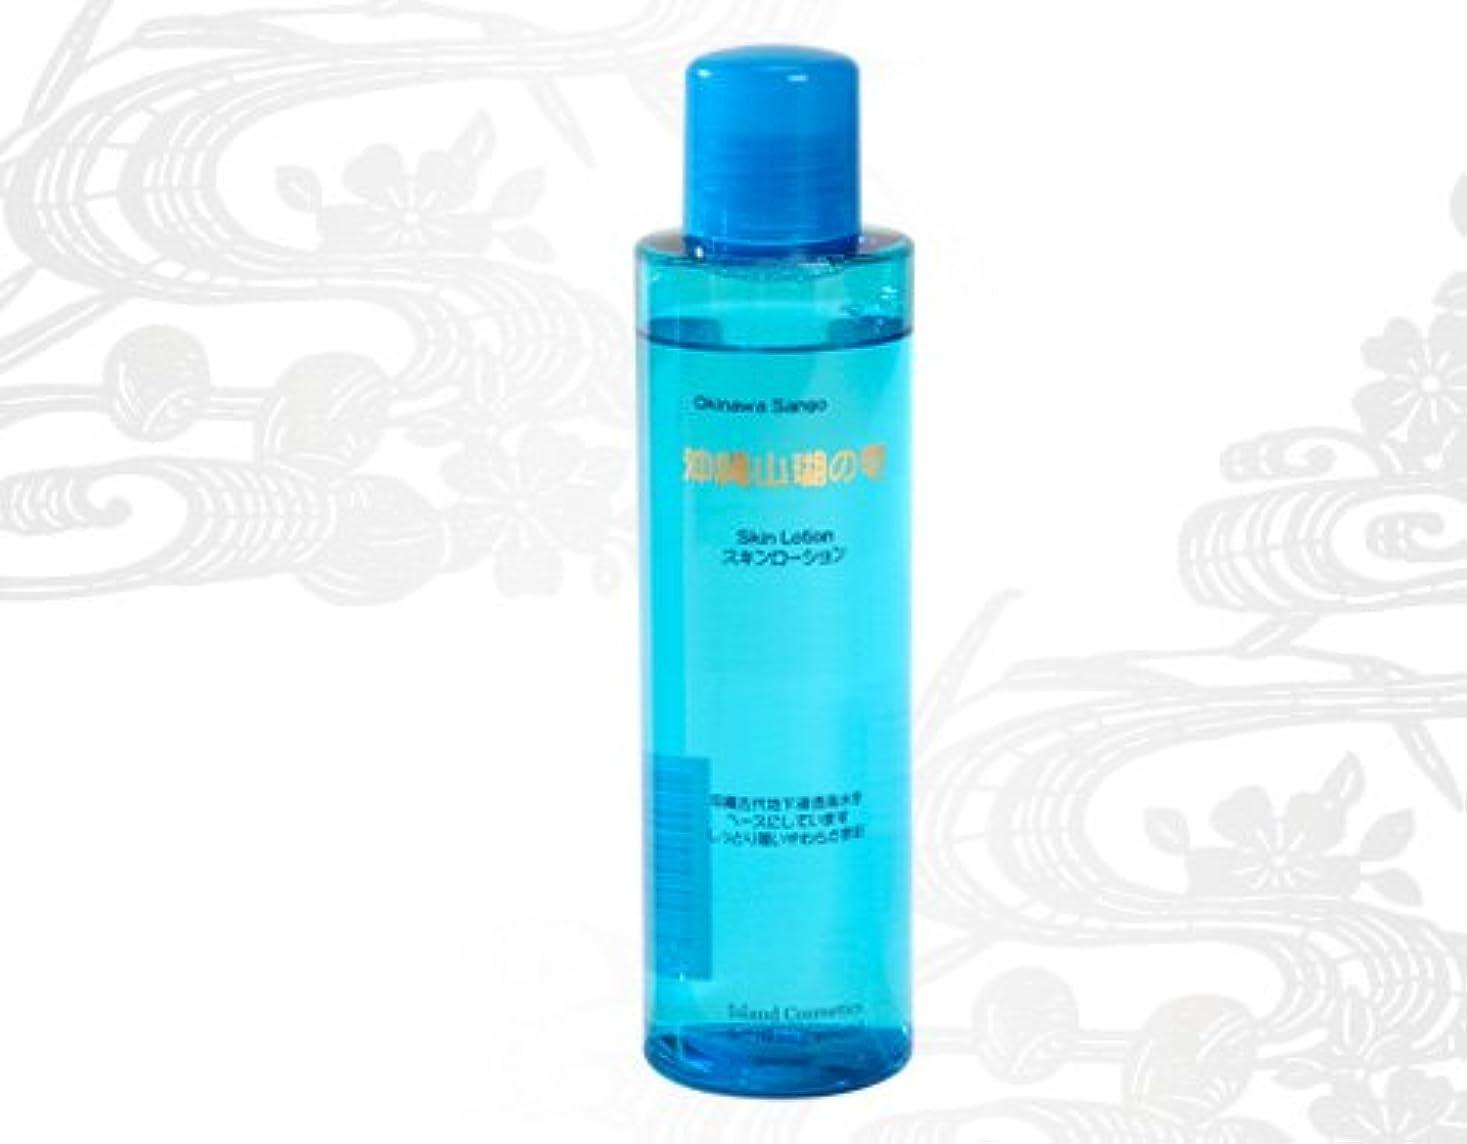 アクセシブル印象的な多様性沖縄山瑚の雫 スキンローション 200ml×6本 アイランド ミネラル豊富な沖縄さんご水をベースにした全肌質向けの化粧水